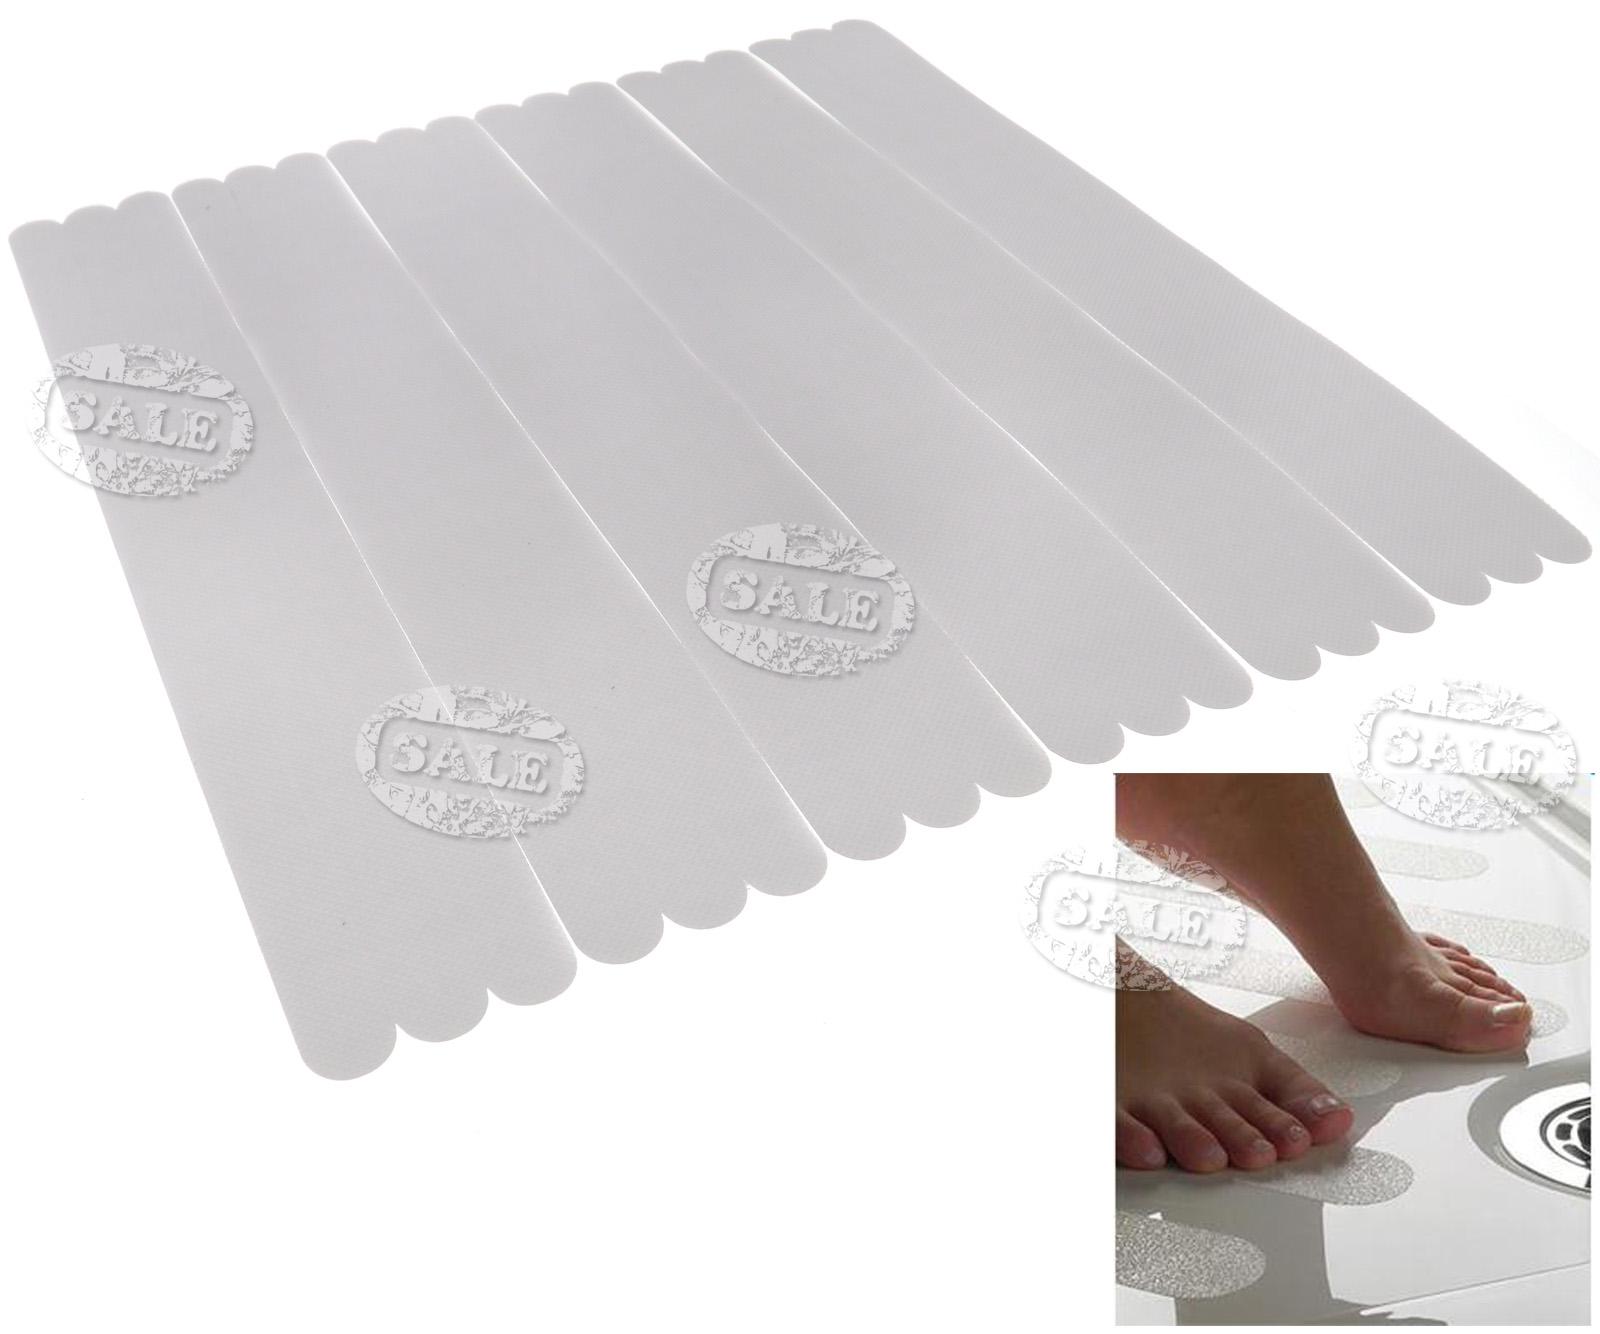 18 Clear Anti Skid Bath Grip Sticker Non Slip Shower Strip